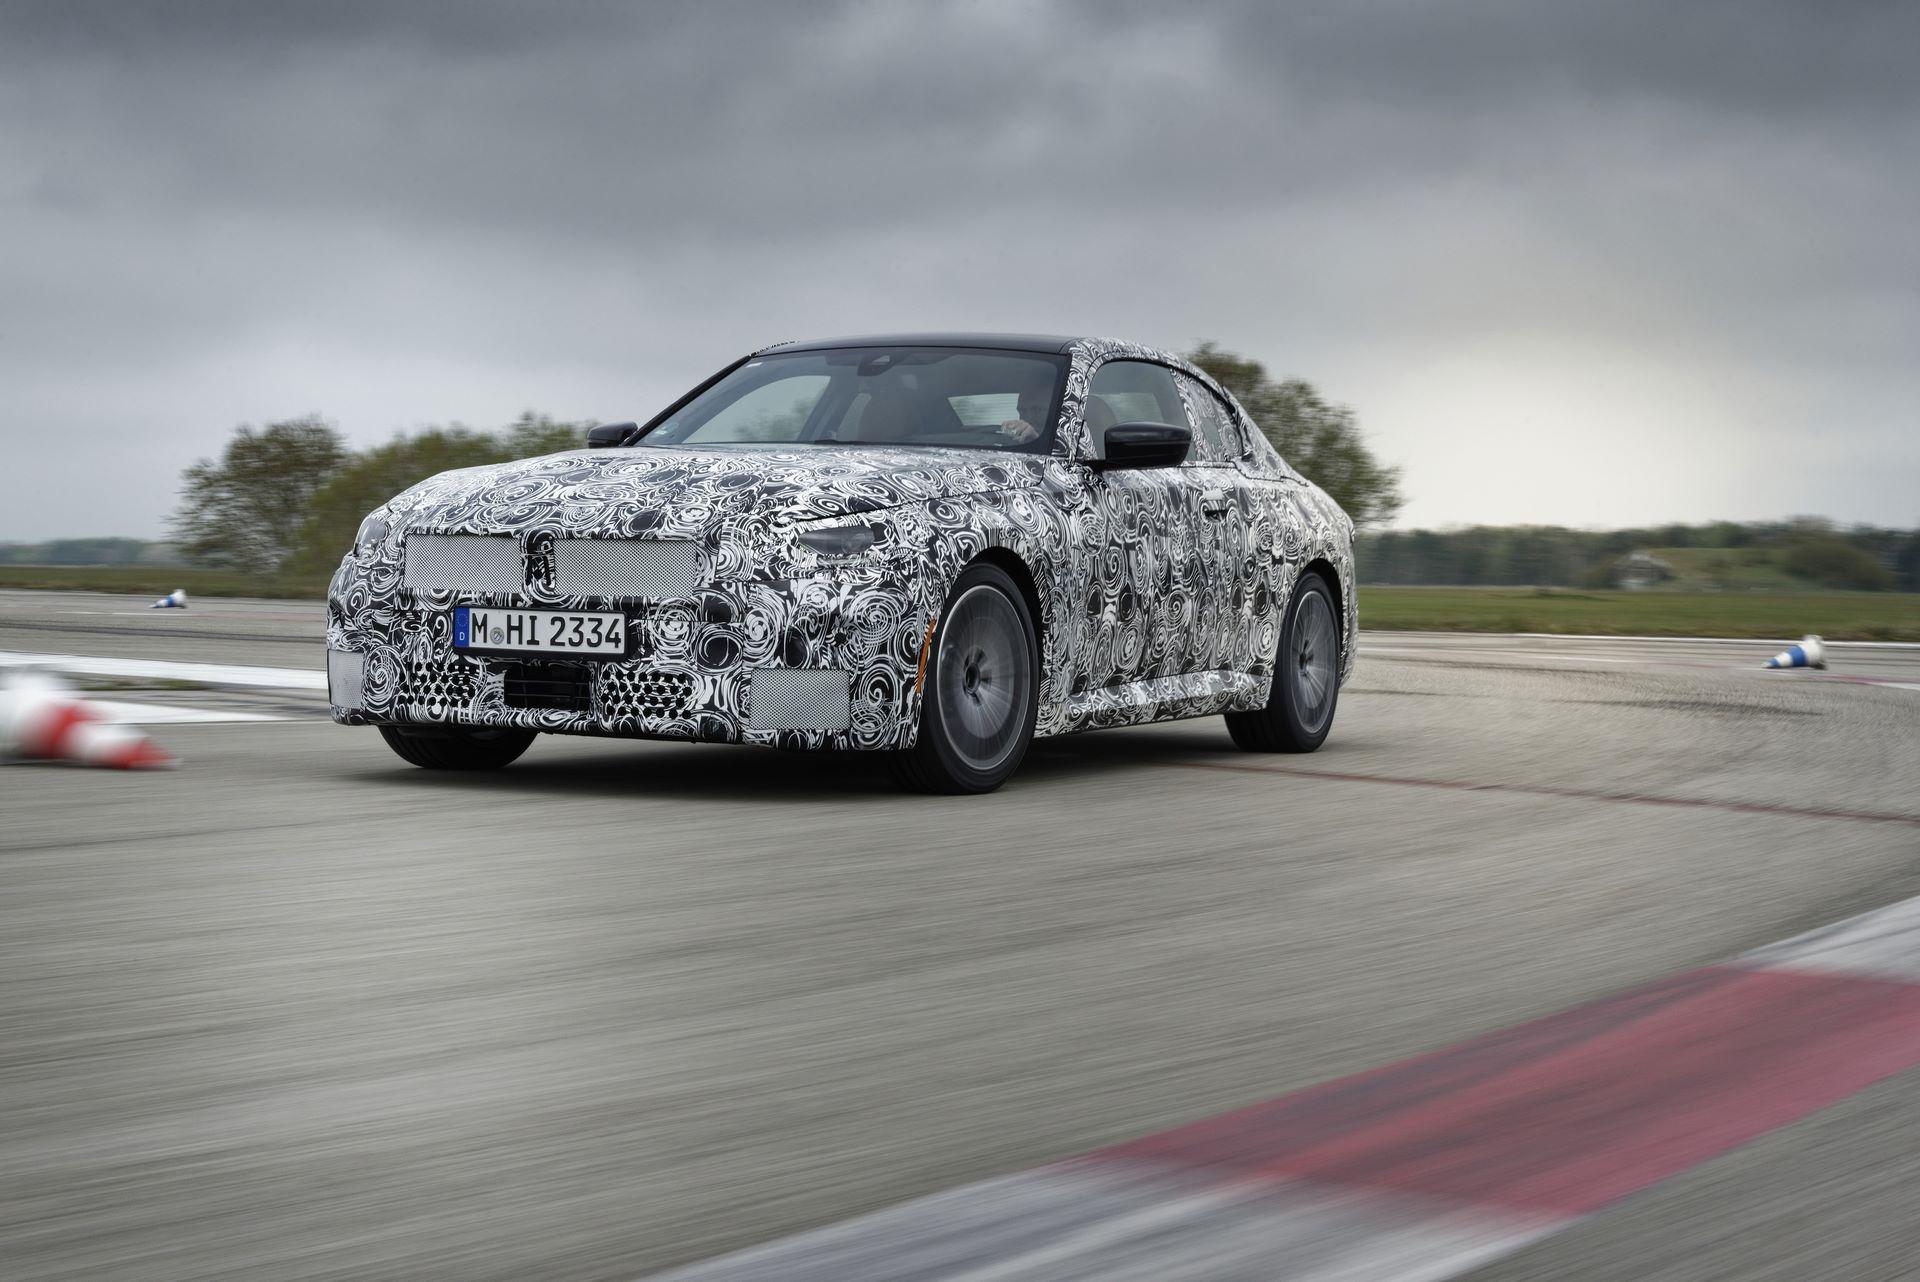 BMW-2-Series-M240i-spy-photos-14